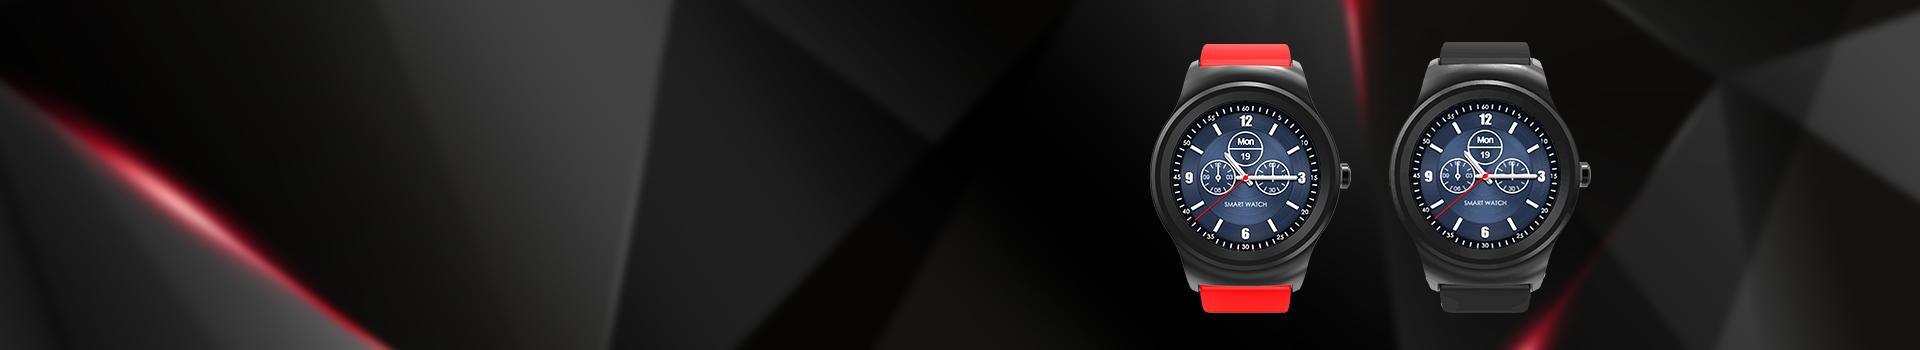 Новинка от Nomi — смарт-часы W10